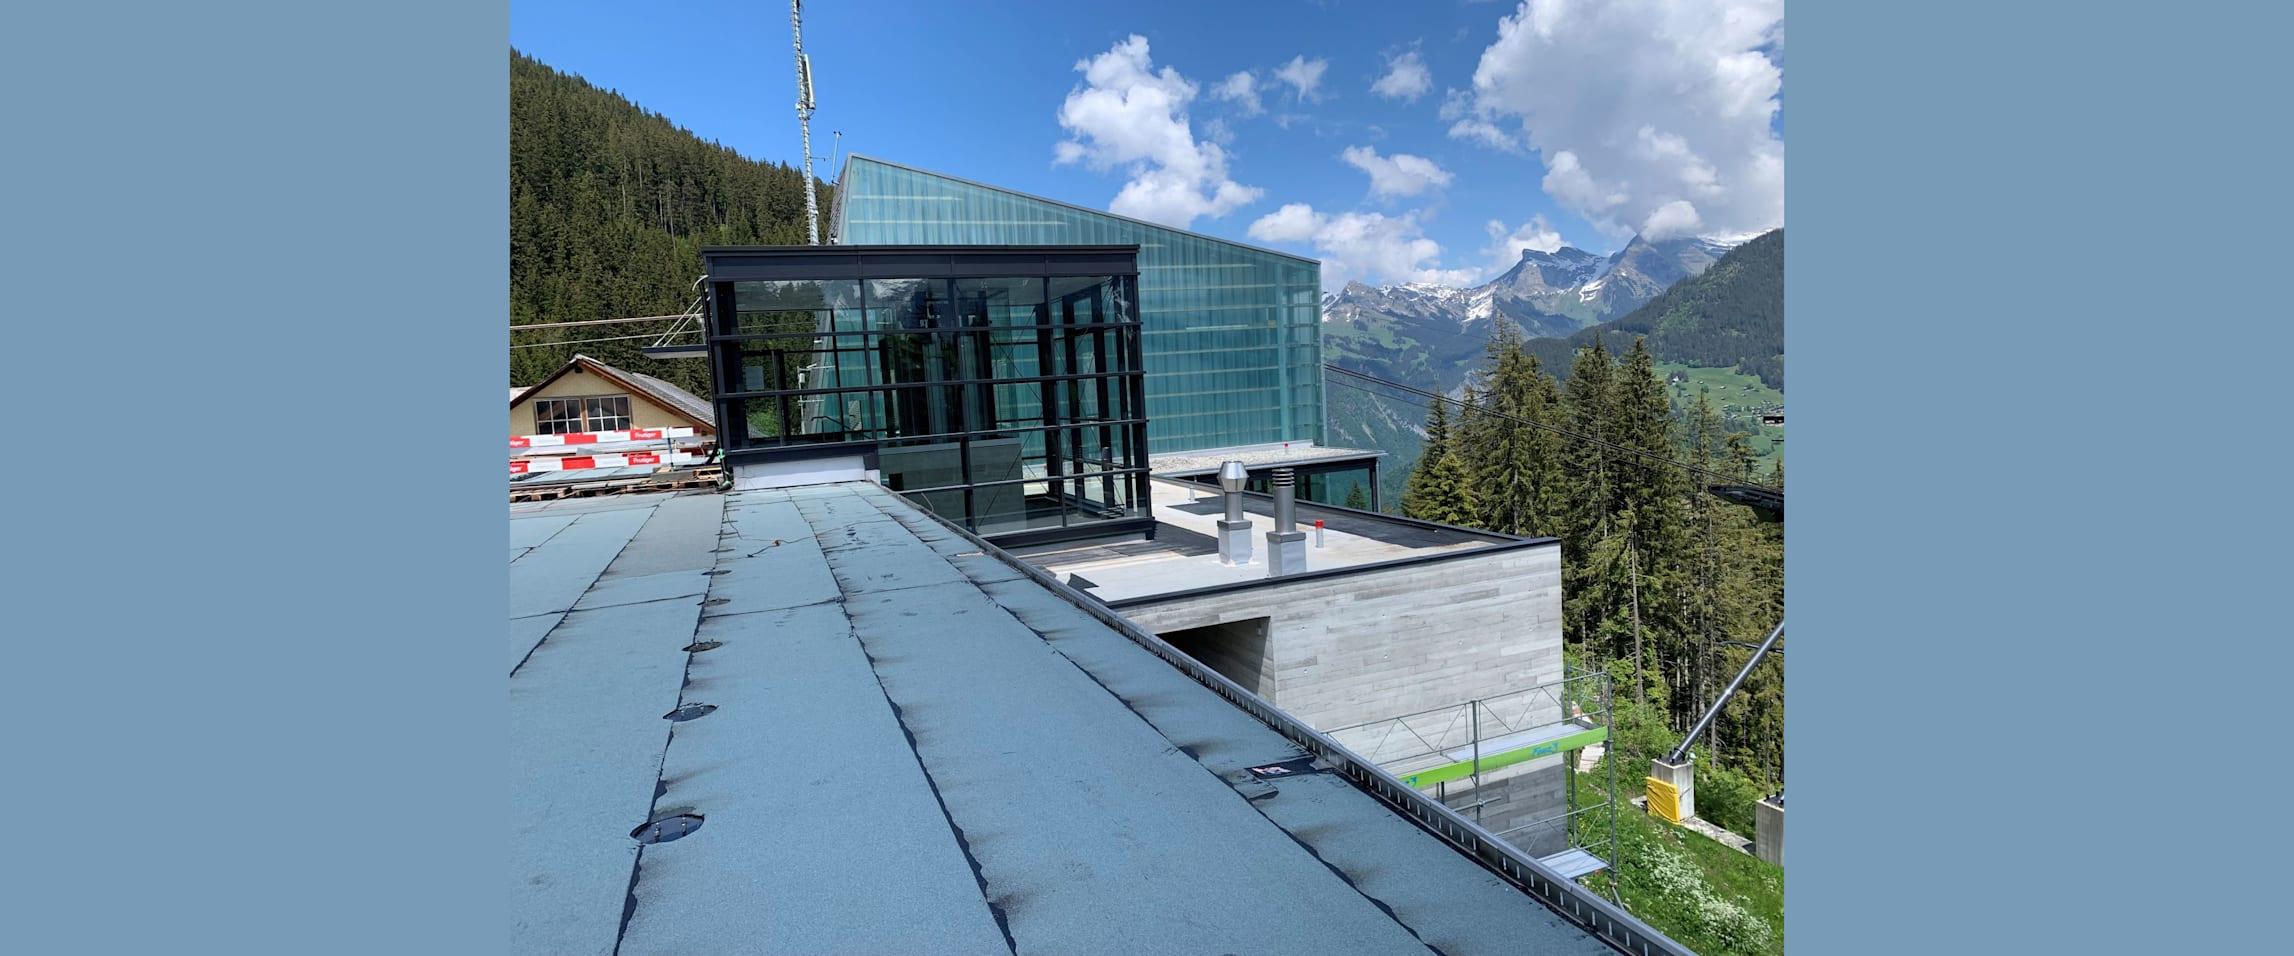 Grütschalp neuer Lift und Dach kl